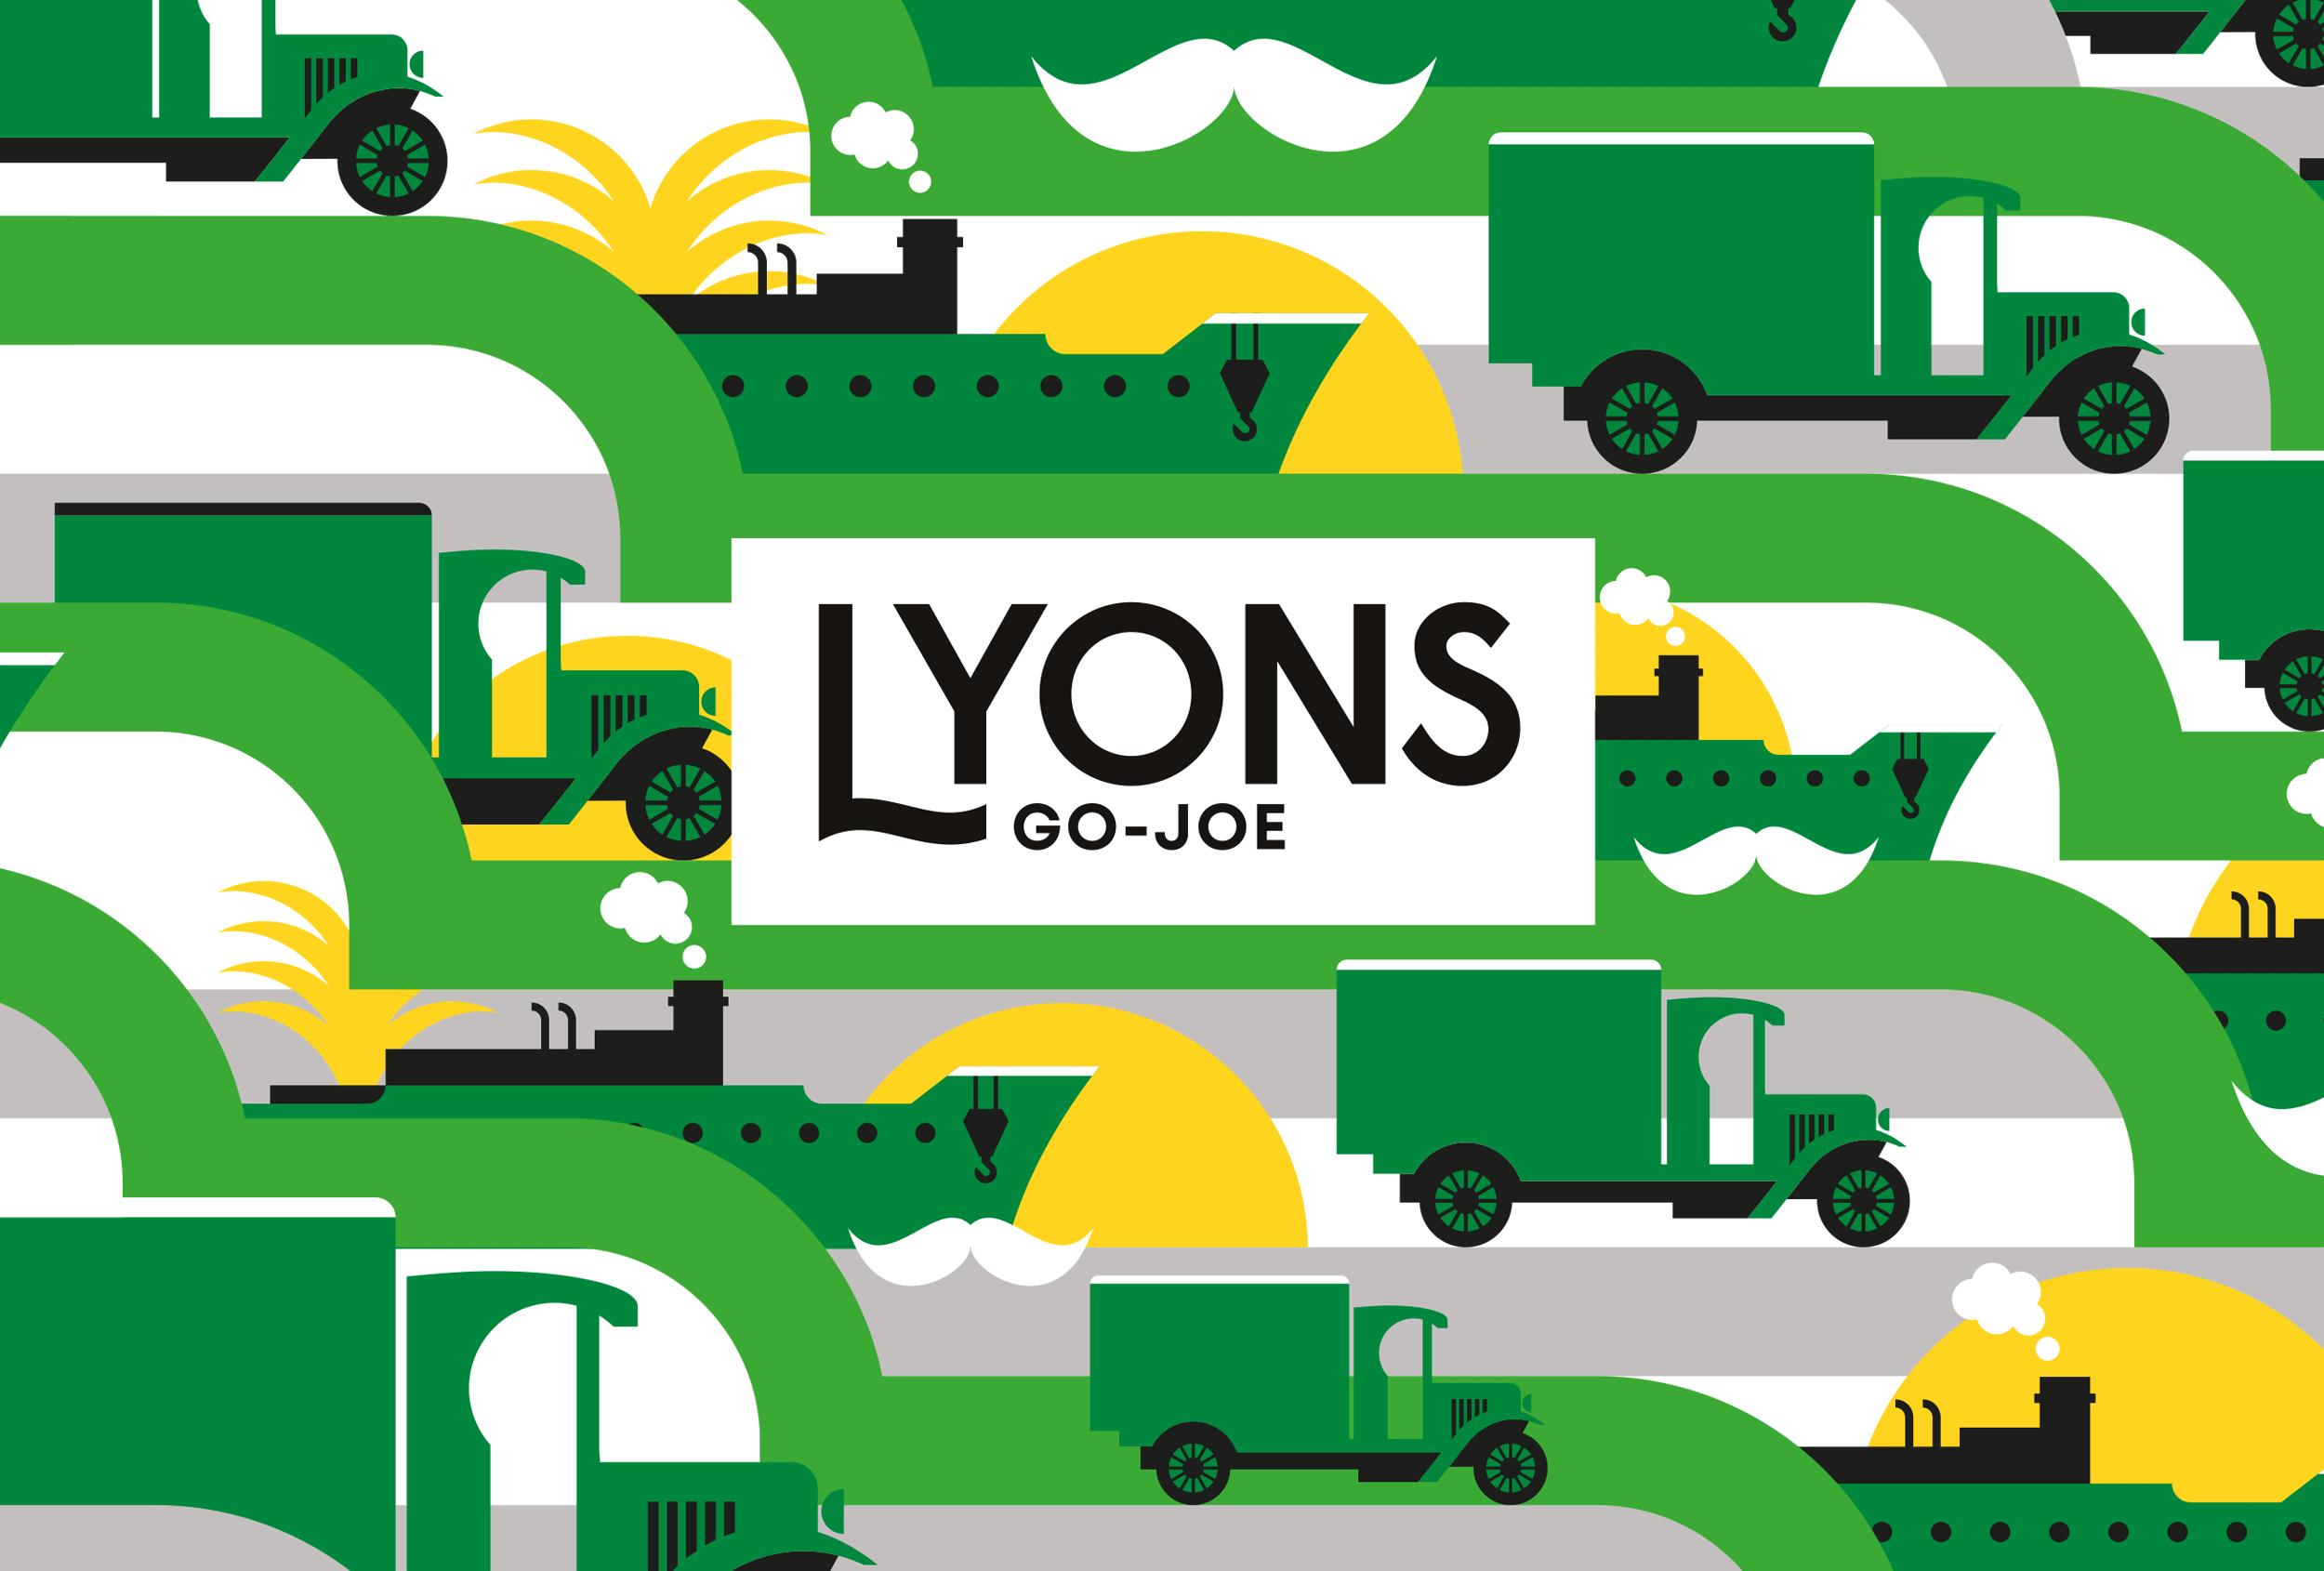 Branding for Lyons Go-Joe. Design by Distil Studio for UCC coffee.